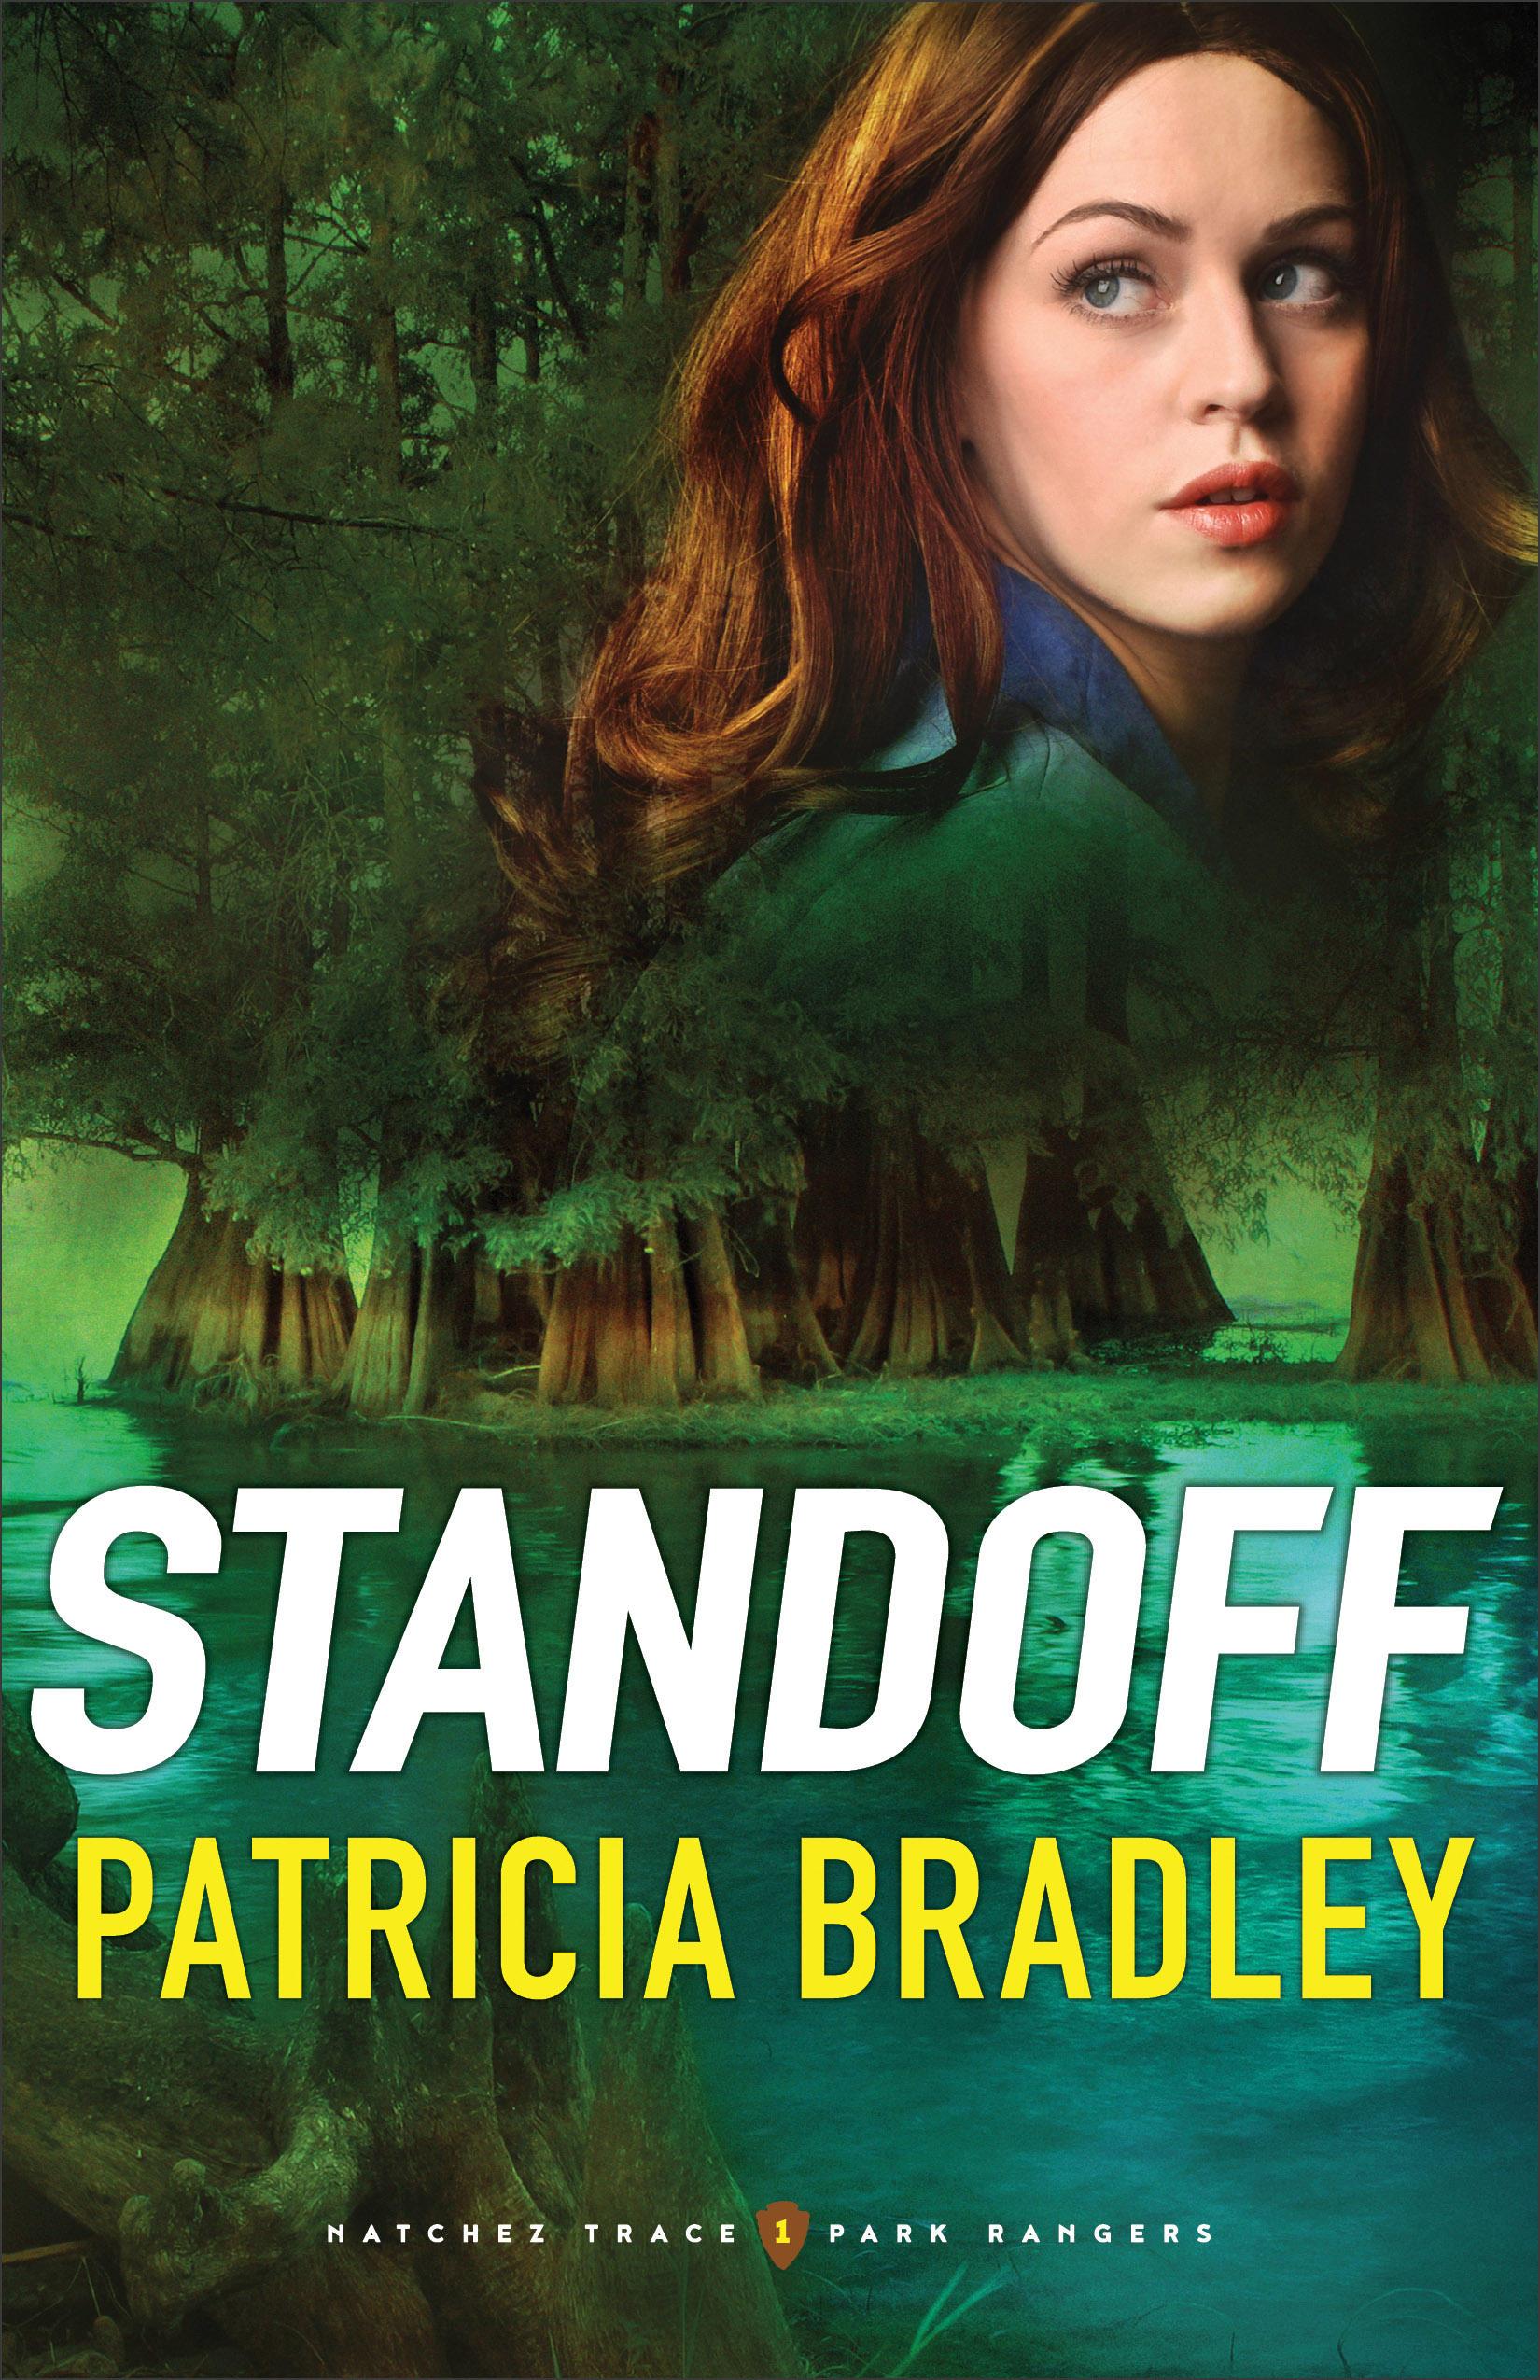 Standoff (Natchez Trace Park Rangers Book #1)